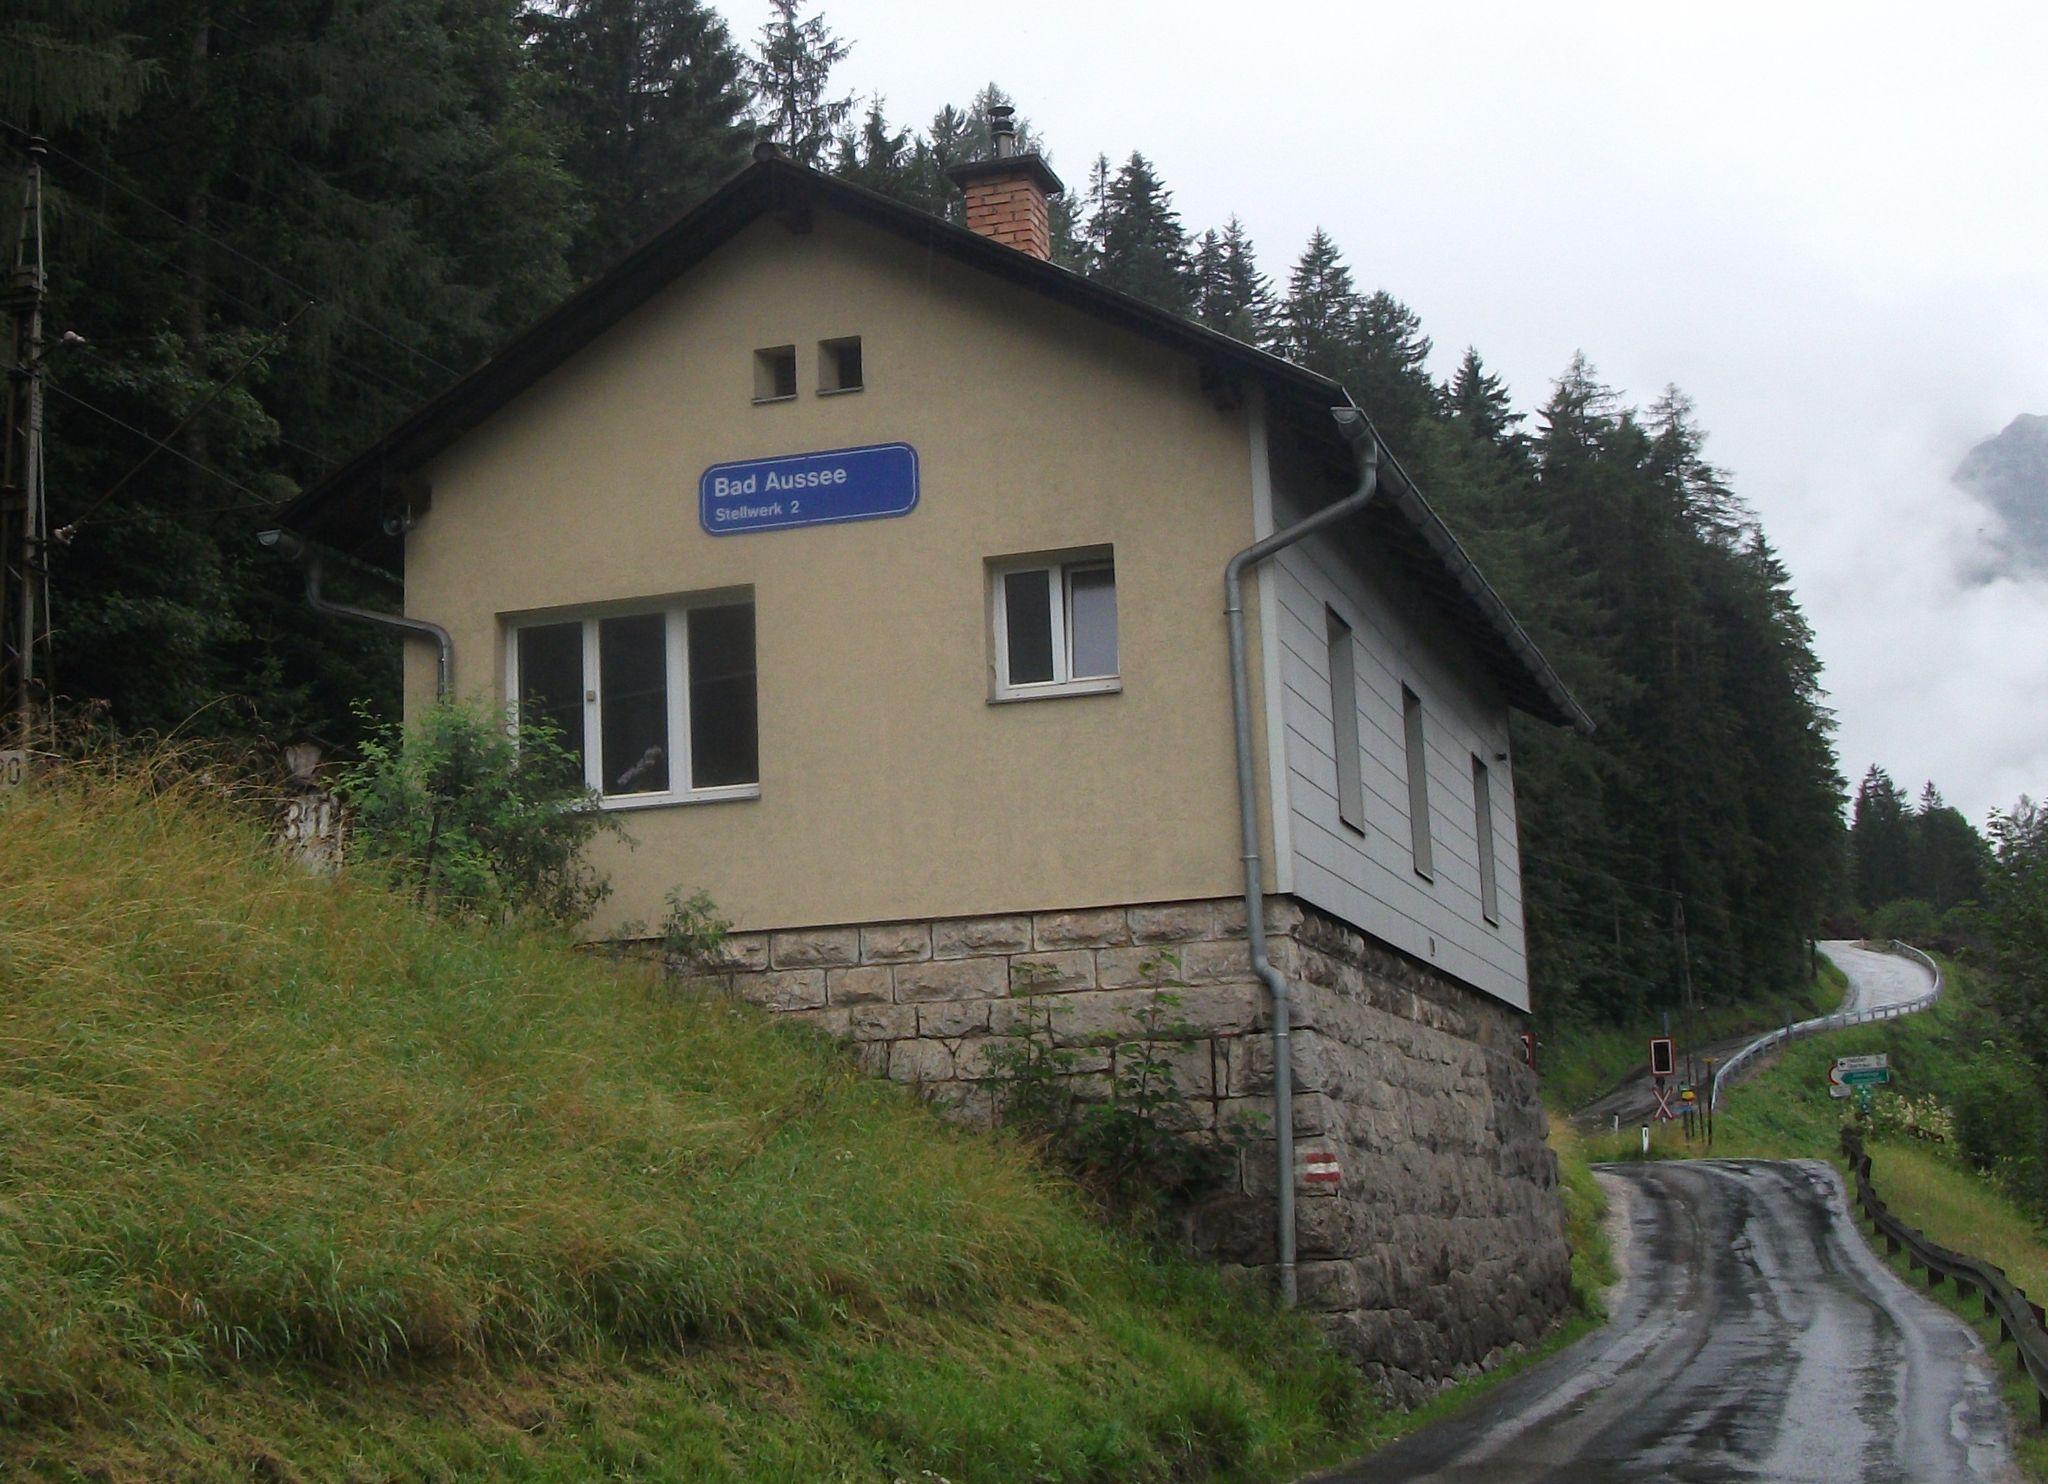 Bad Aussee - Poste d'aiguillage 2 (Autriche)